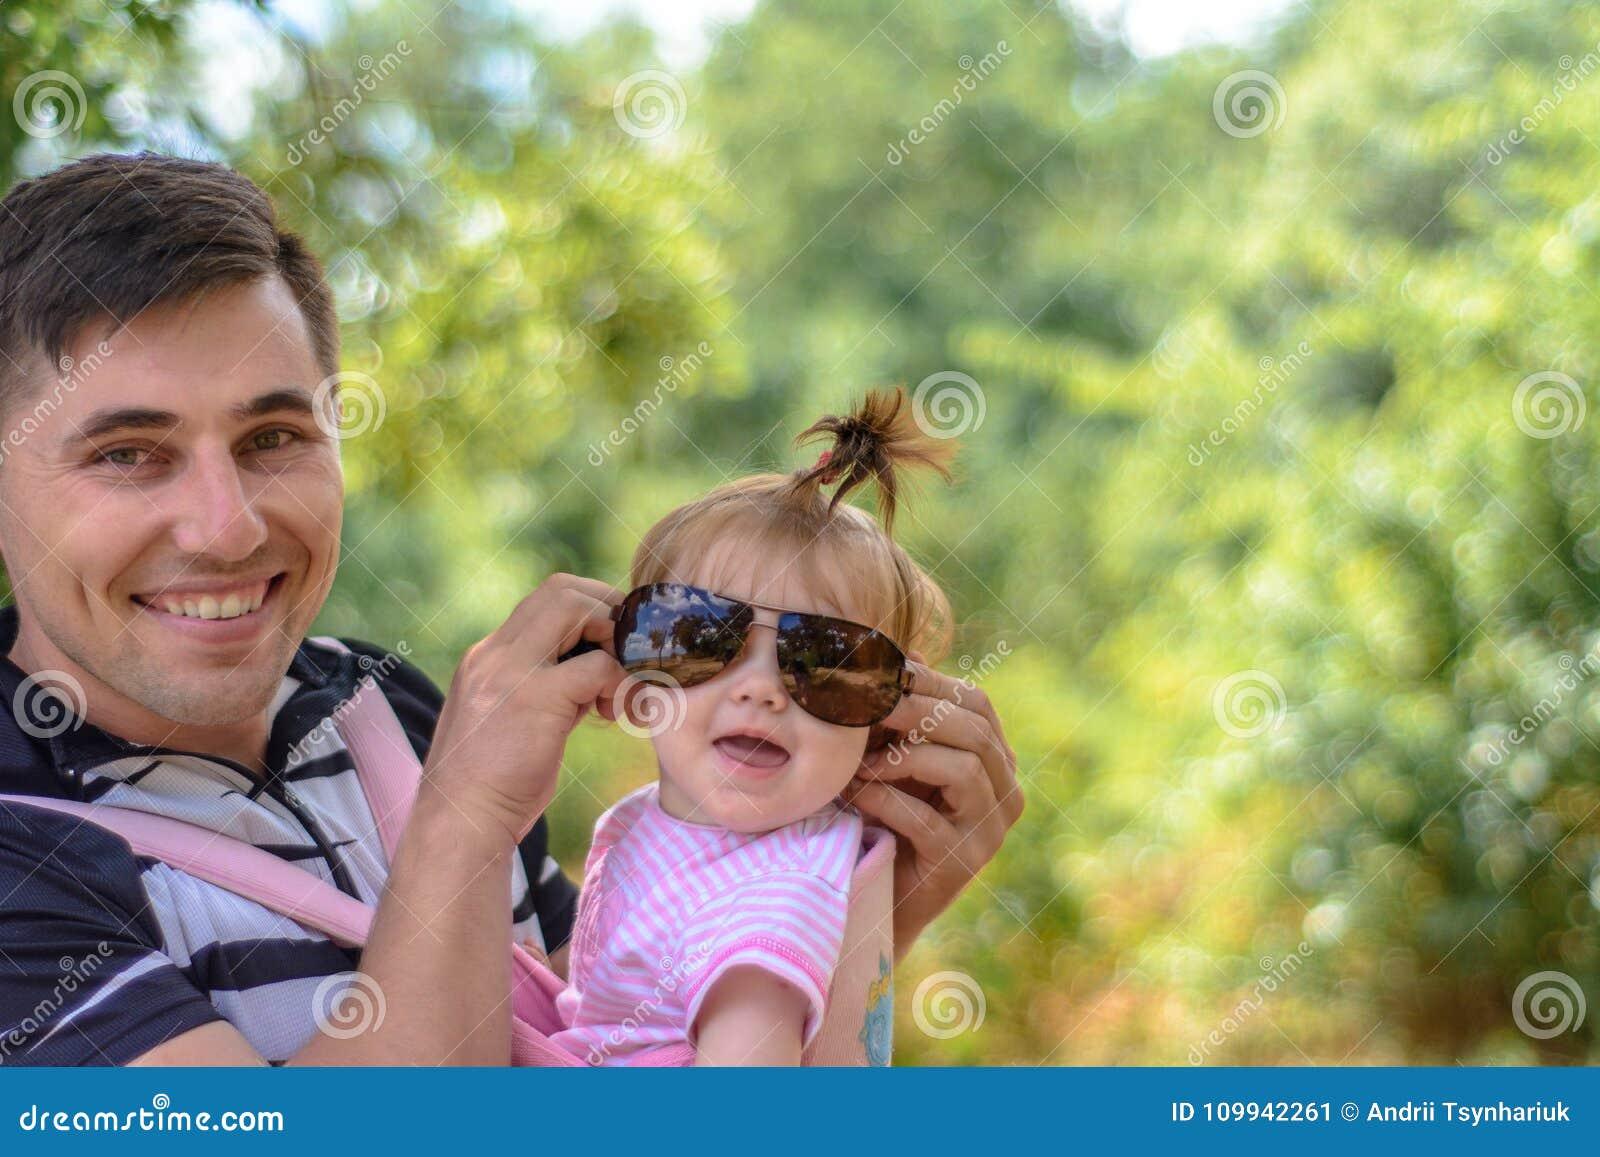 Изумительная маленькая девочка играет с солнечными очками с ее отцом